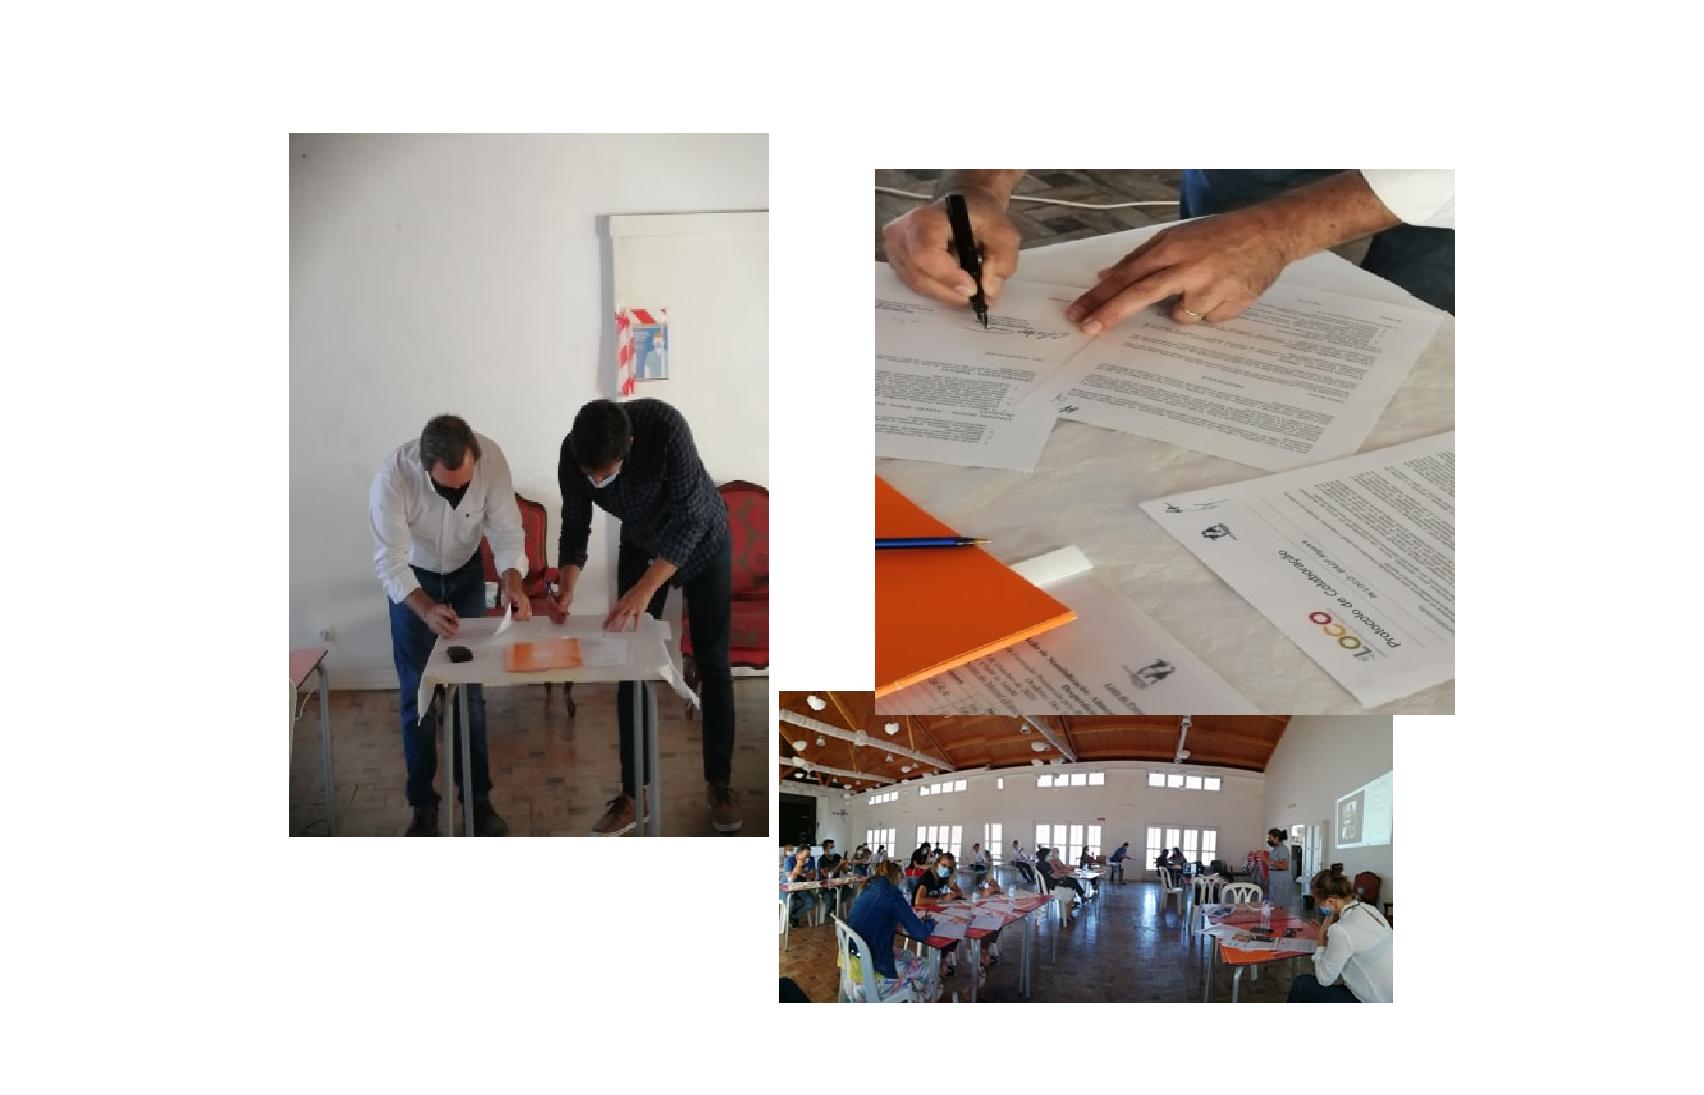 BACF-Algarve e a equipa do Prato Certo juntos na promoção da segurança alimentar e no combate ao Desperdício Alimentar